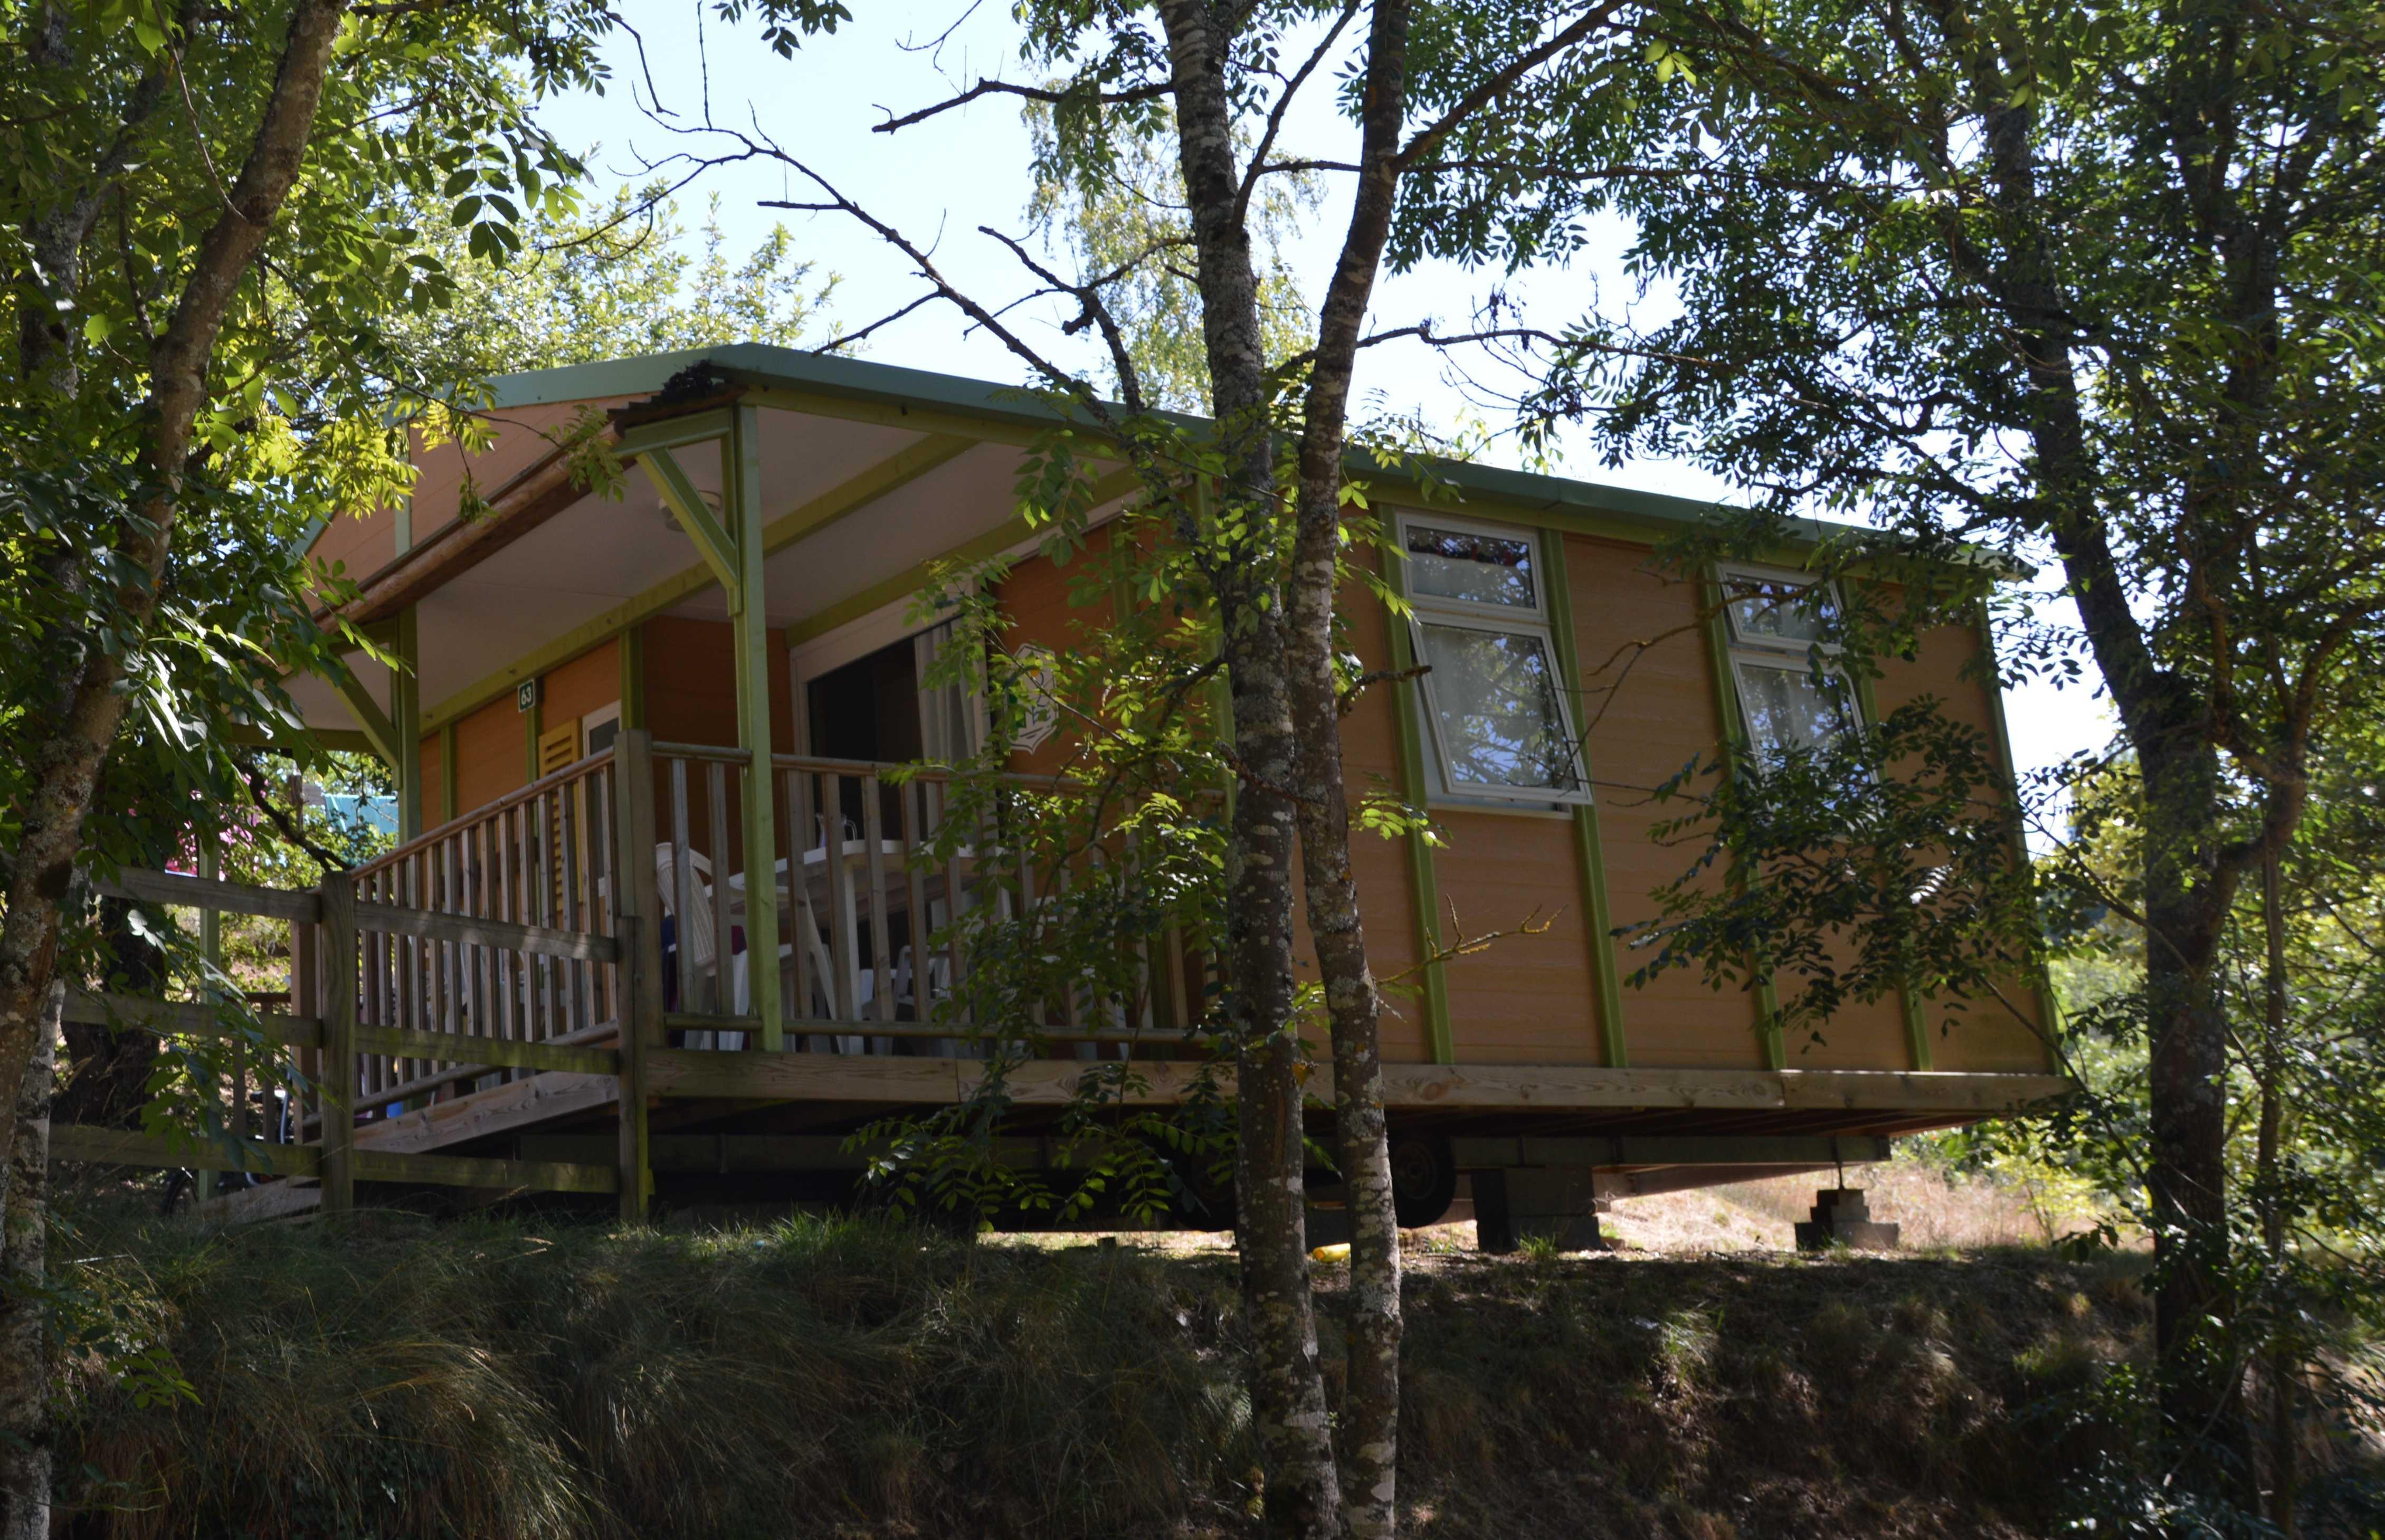 Location - Chalet Club Avec Sanitaires 5 Personnes / 2 Chambres / Terrasse Couverte - Camping Sites et Paysages L'Oasis